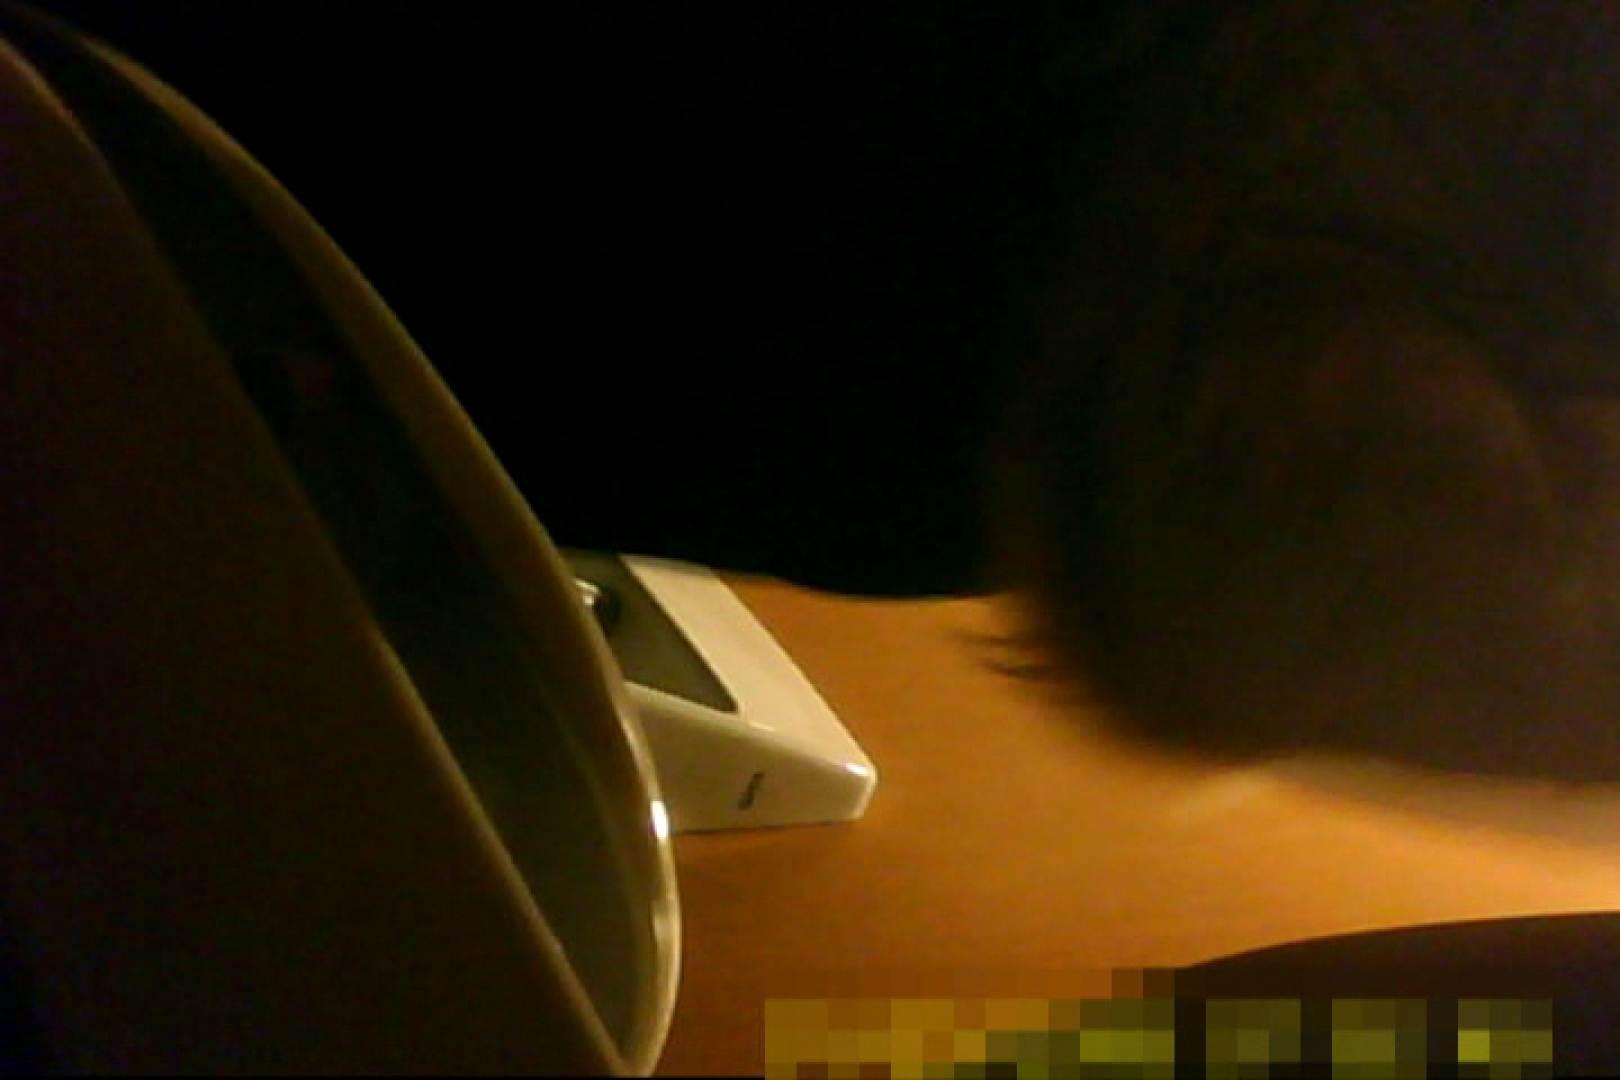 魅惑の化粧室~禁断のプライベート空間~13 洗面所 盗み撮り動画 71pic 26